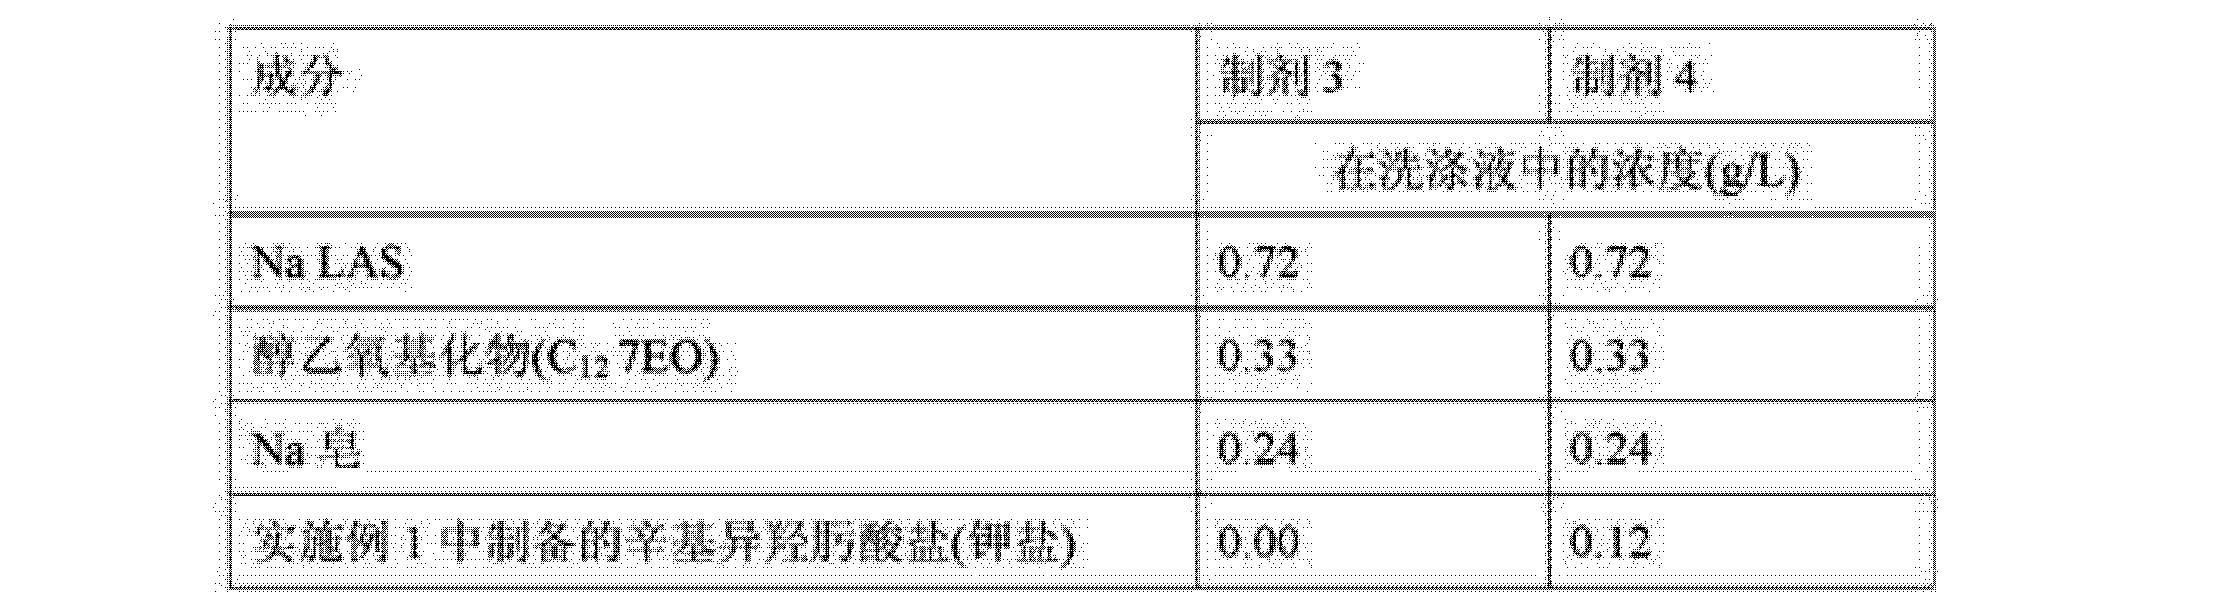 Figure CN102257109BD00152